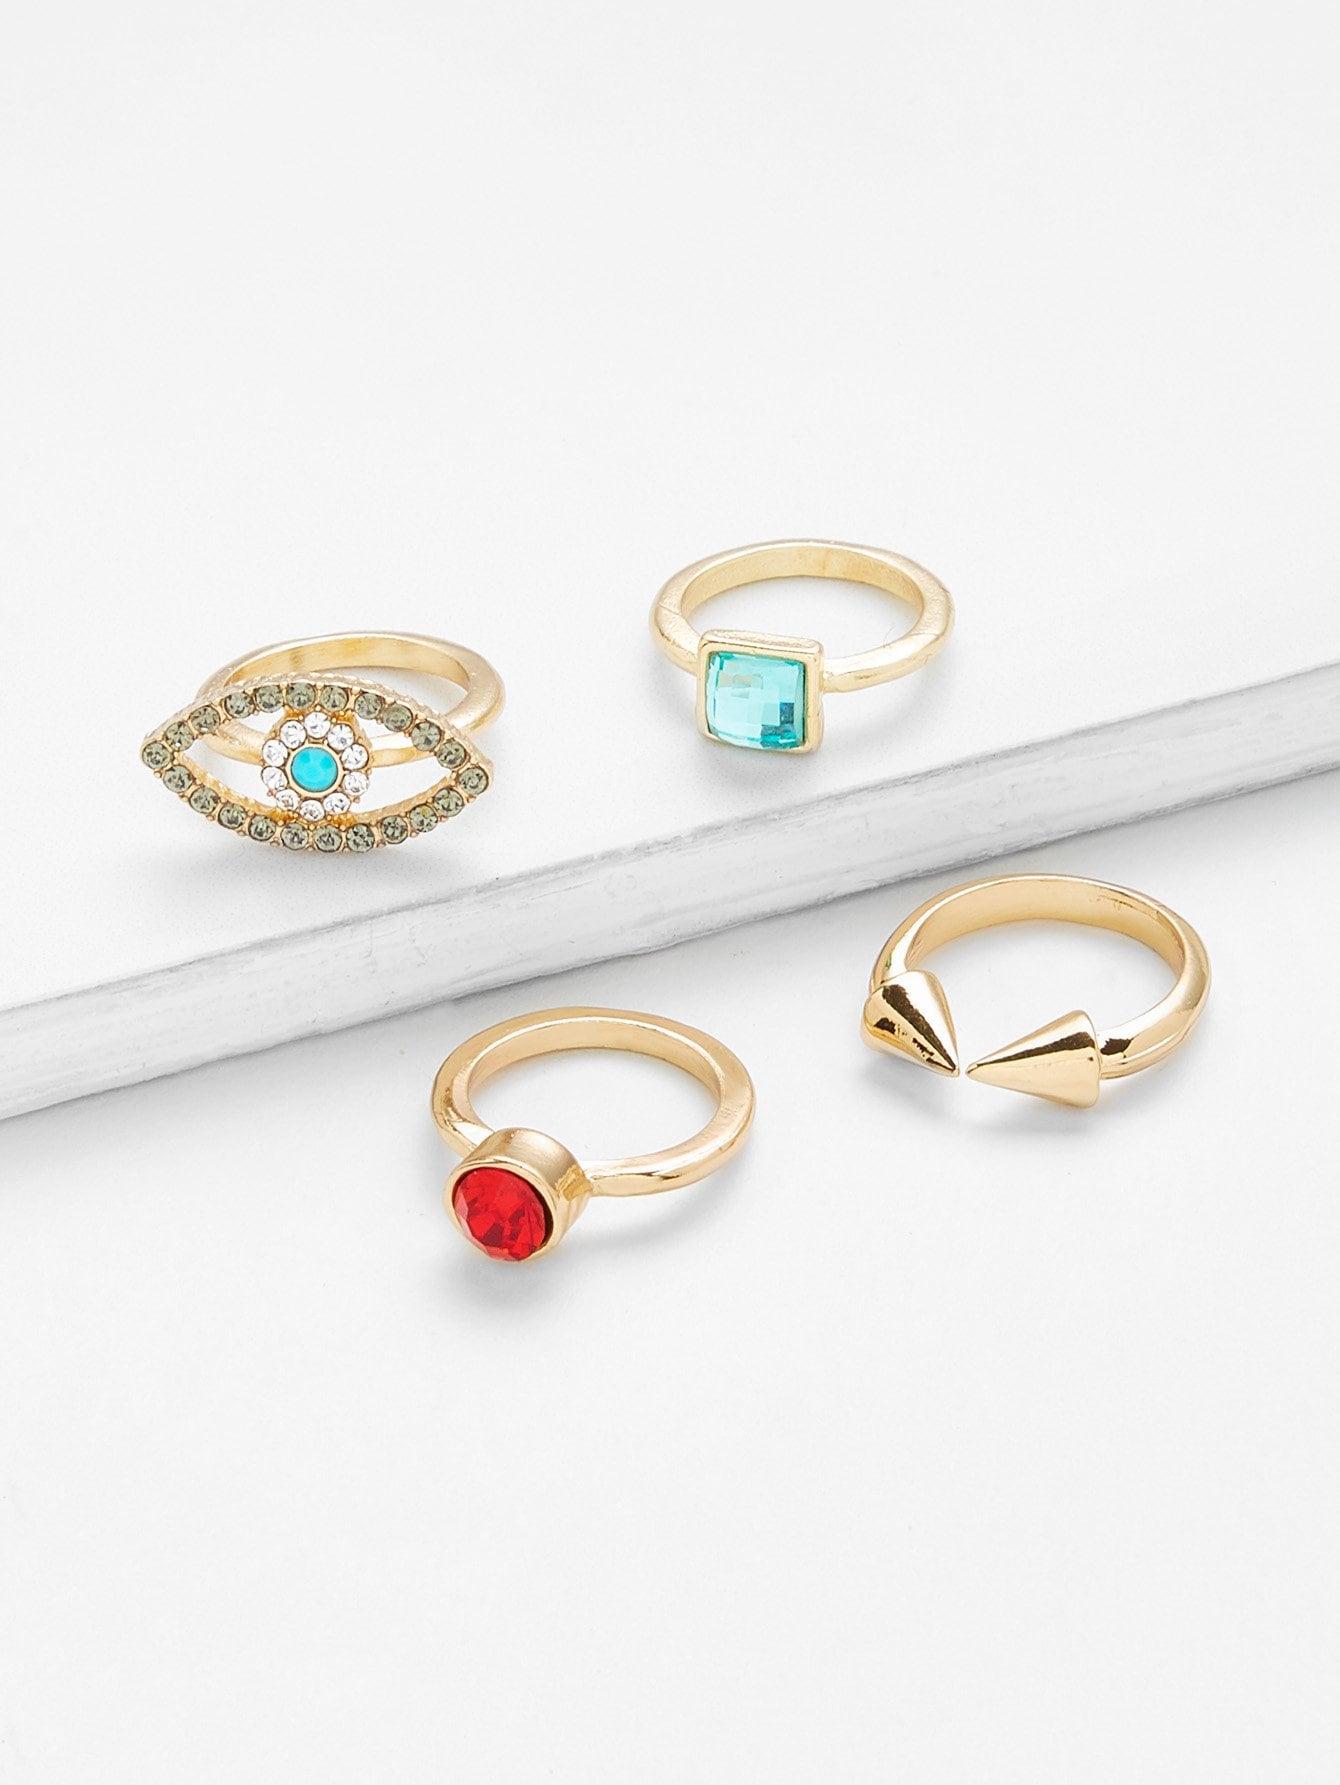 Eye Design Rhinestone Rings Set 4pcs 4pcs sweet rhinestone openwork heart design rings for women